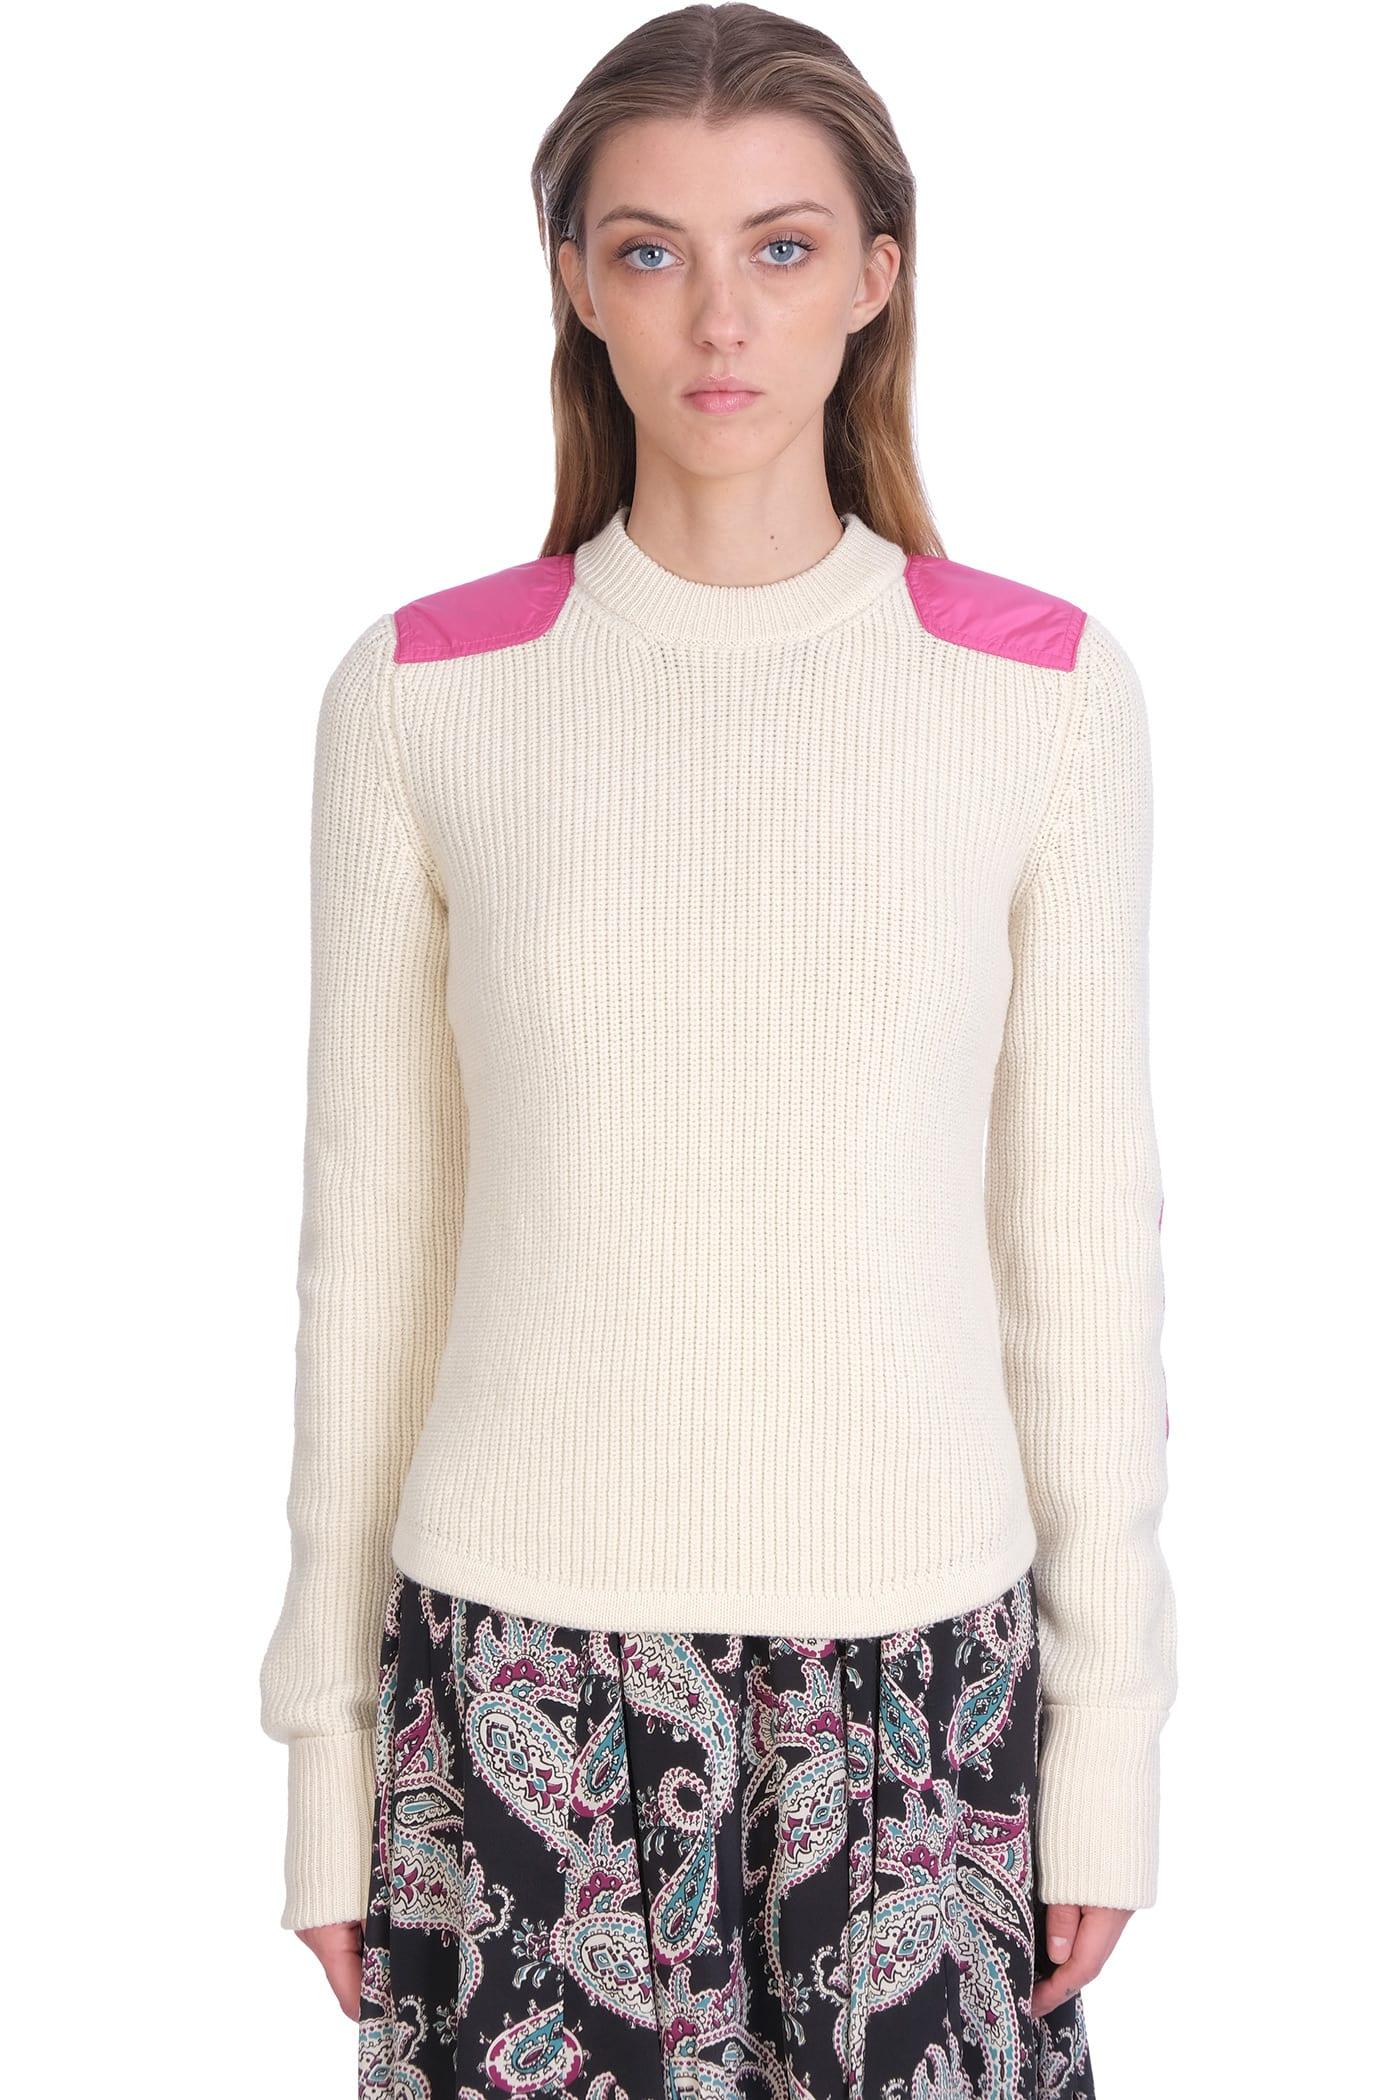 Isabel Marant Derry Knitwear In Beige Wool